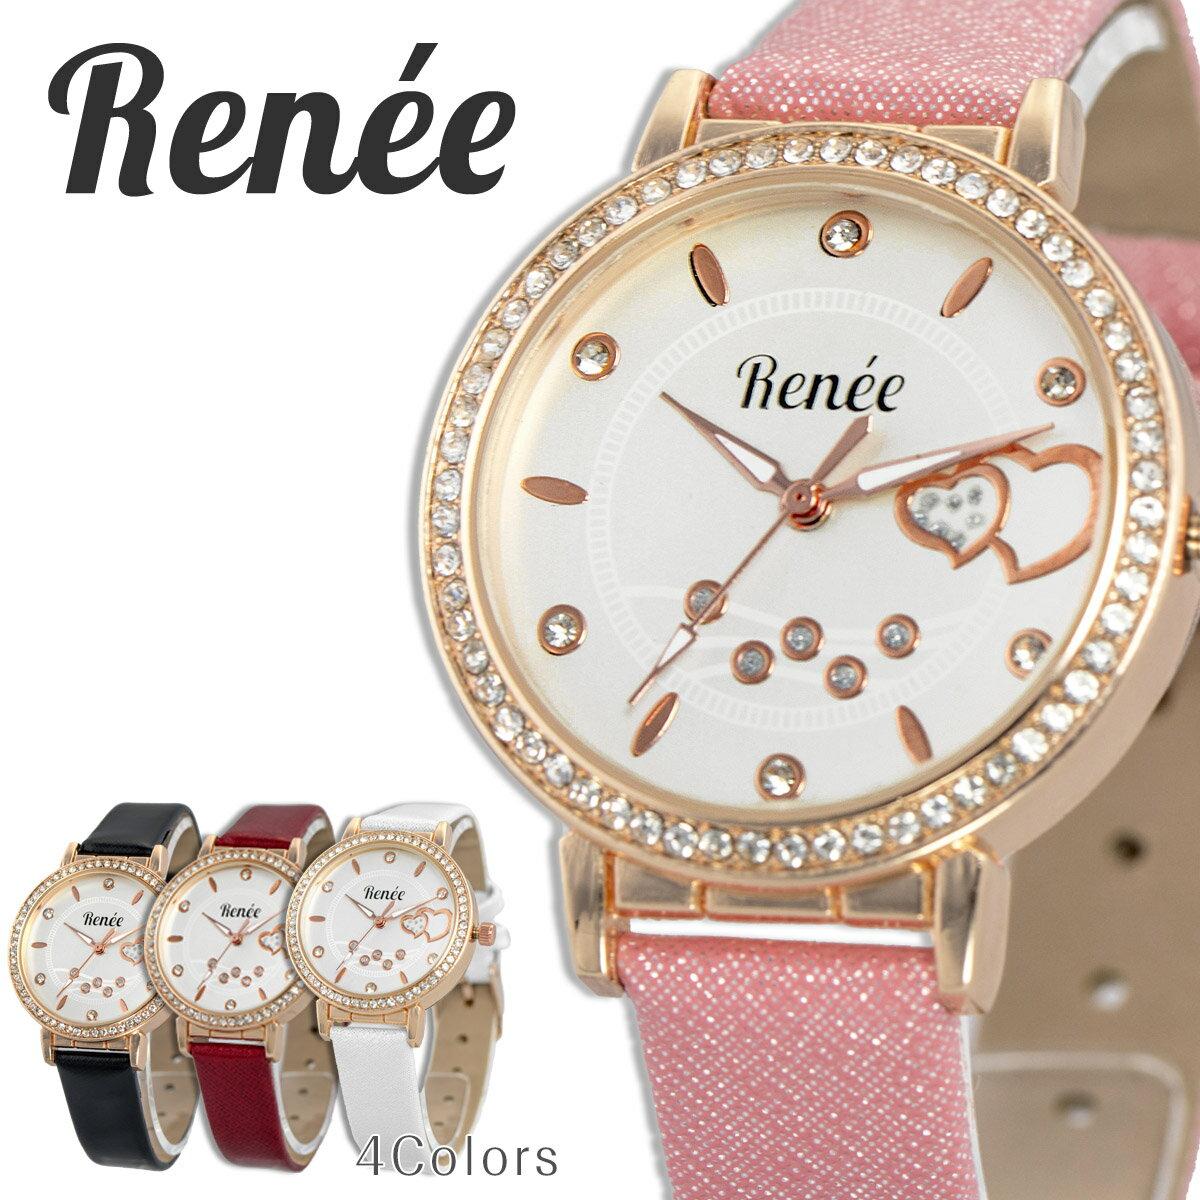 RENEE ルネ R03 腕時計 レディース アナログ クォーツウォッチ おしゃれ シンプル レザー 人気 カジュアル